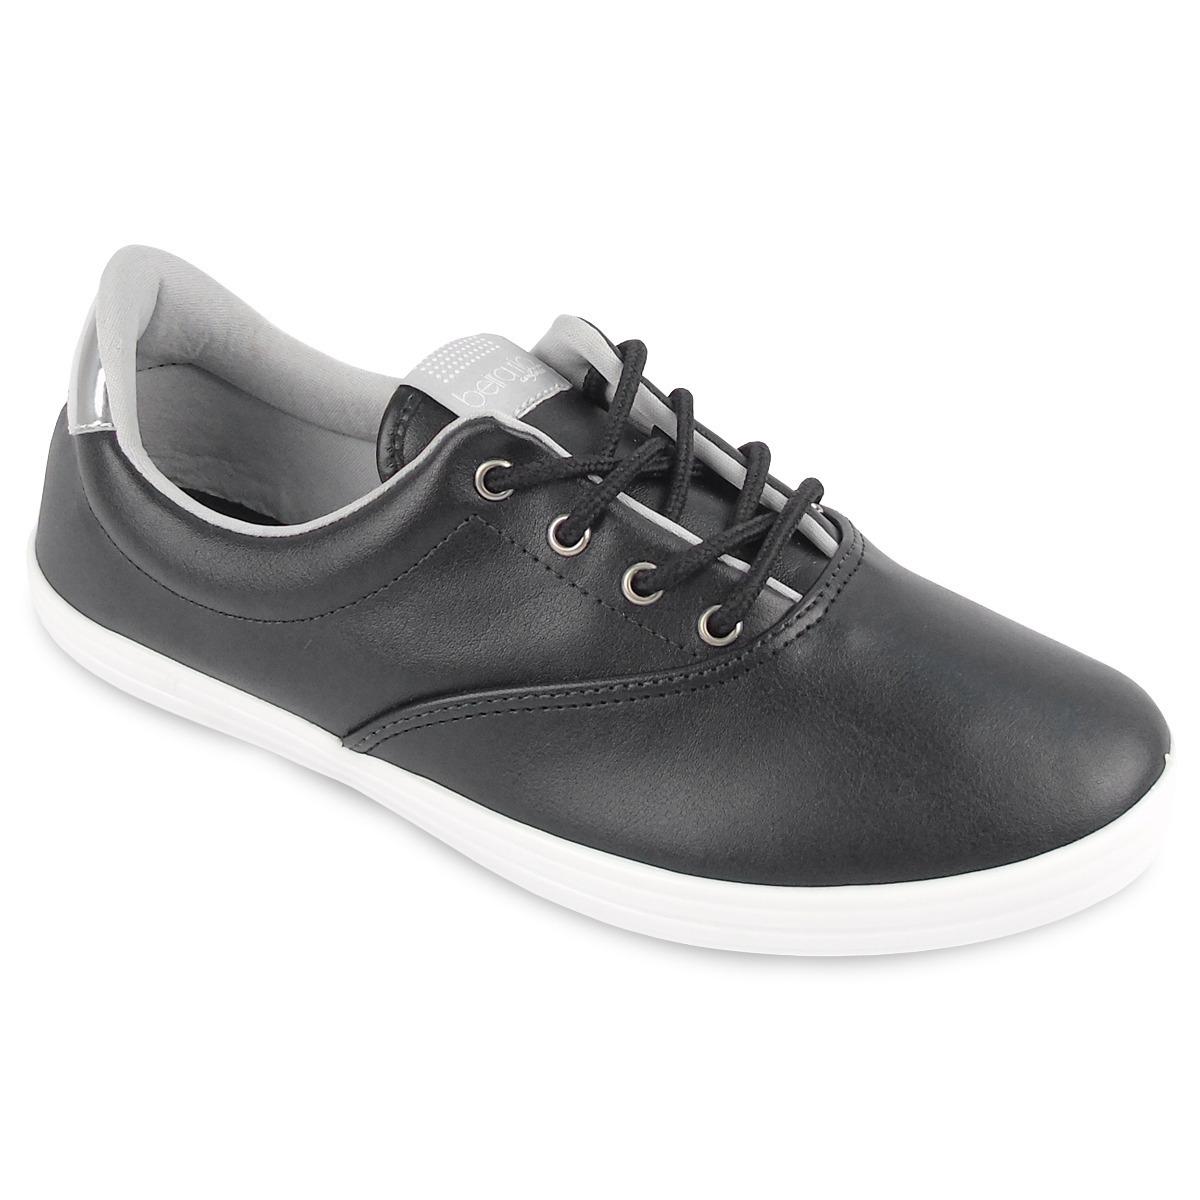 62421160e9 tênis feminino beira rio conforto preto prata cadarço. Carregando zoom.